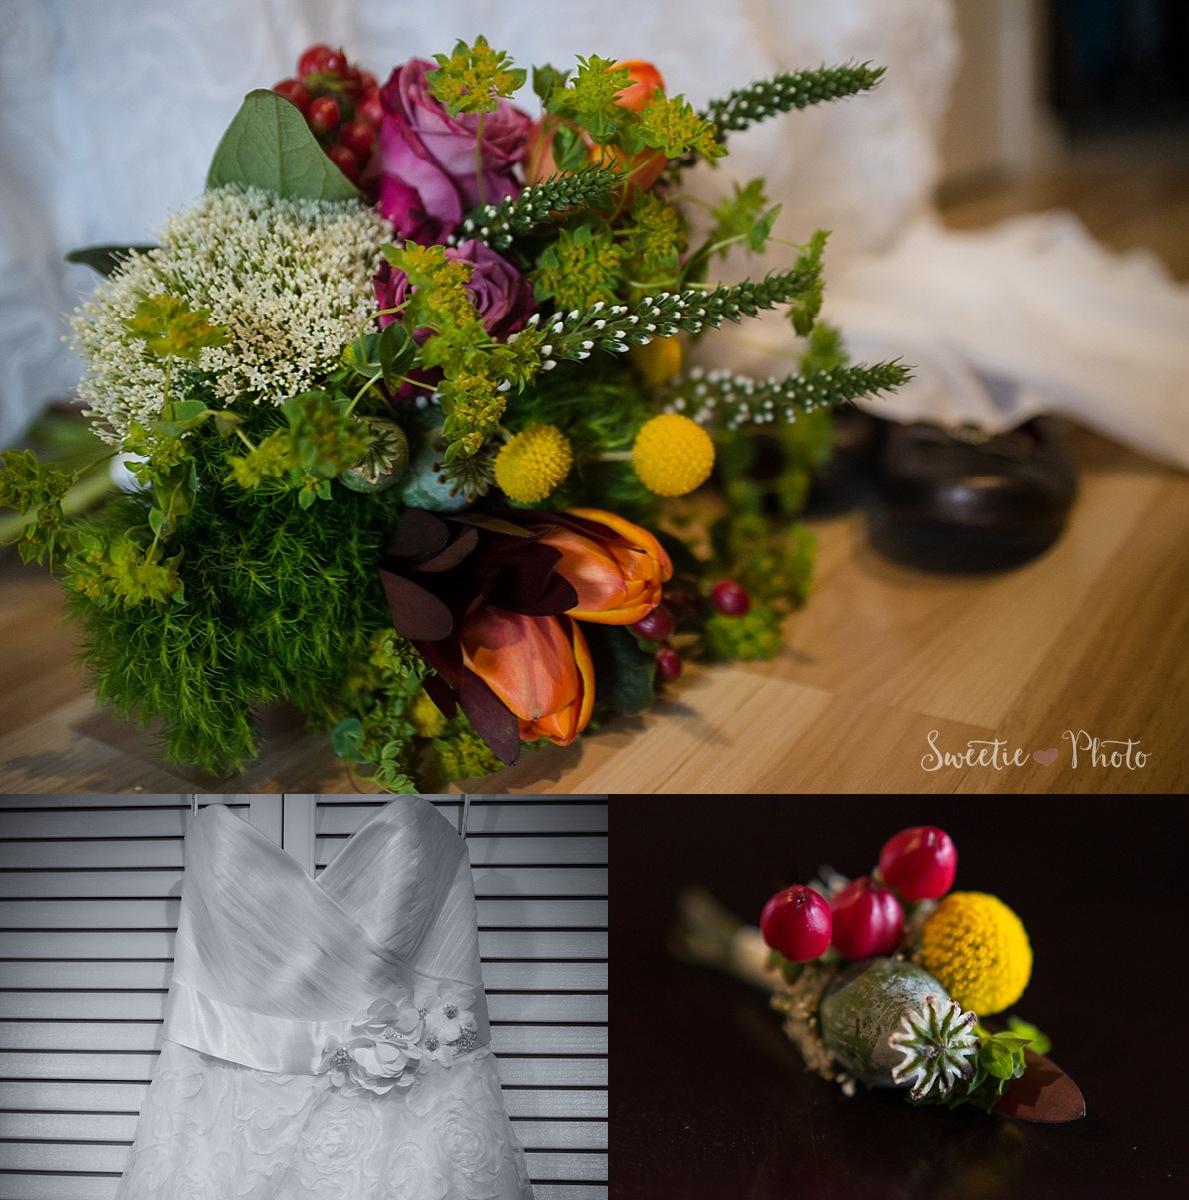 Spring Blossom Wedding | Colorado Wedding Photography | Sweetie Photo, Lifestyle Photography Colorado and Beyond!